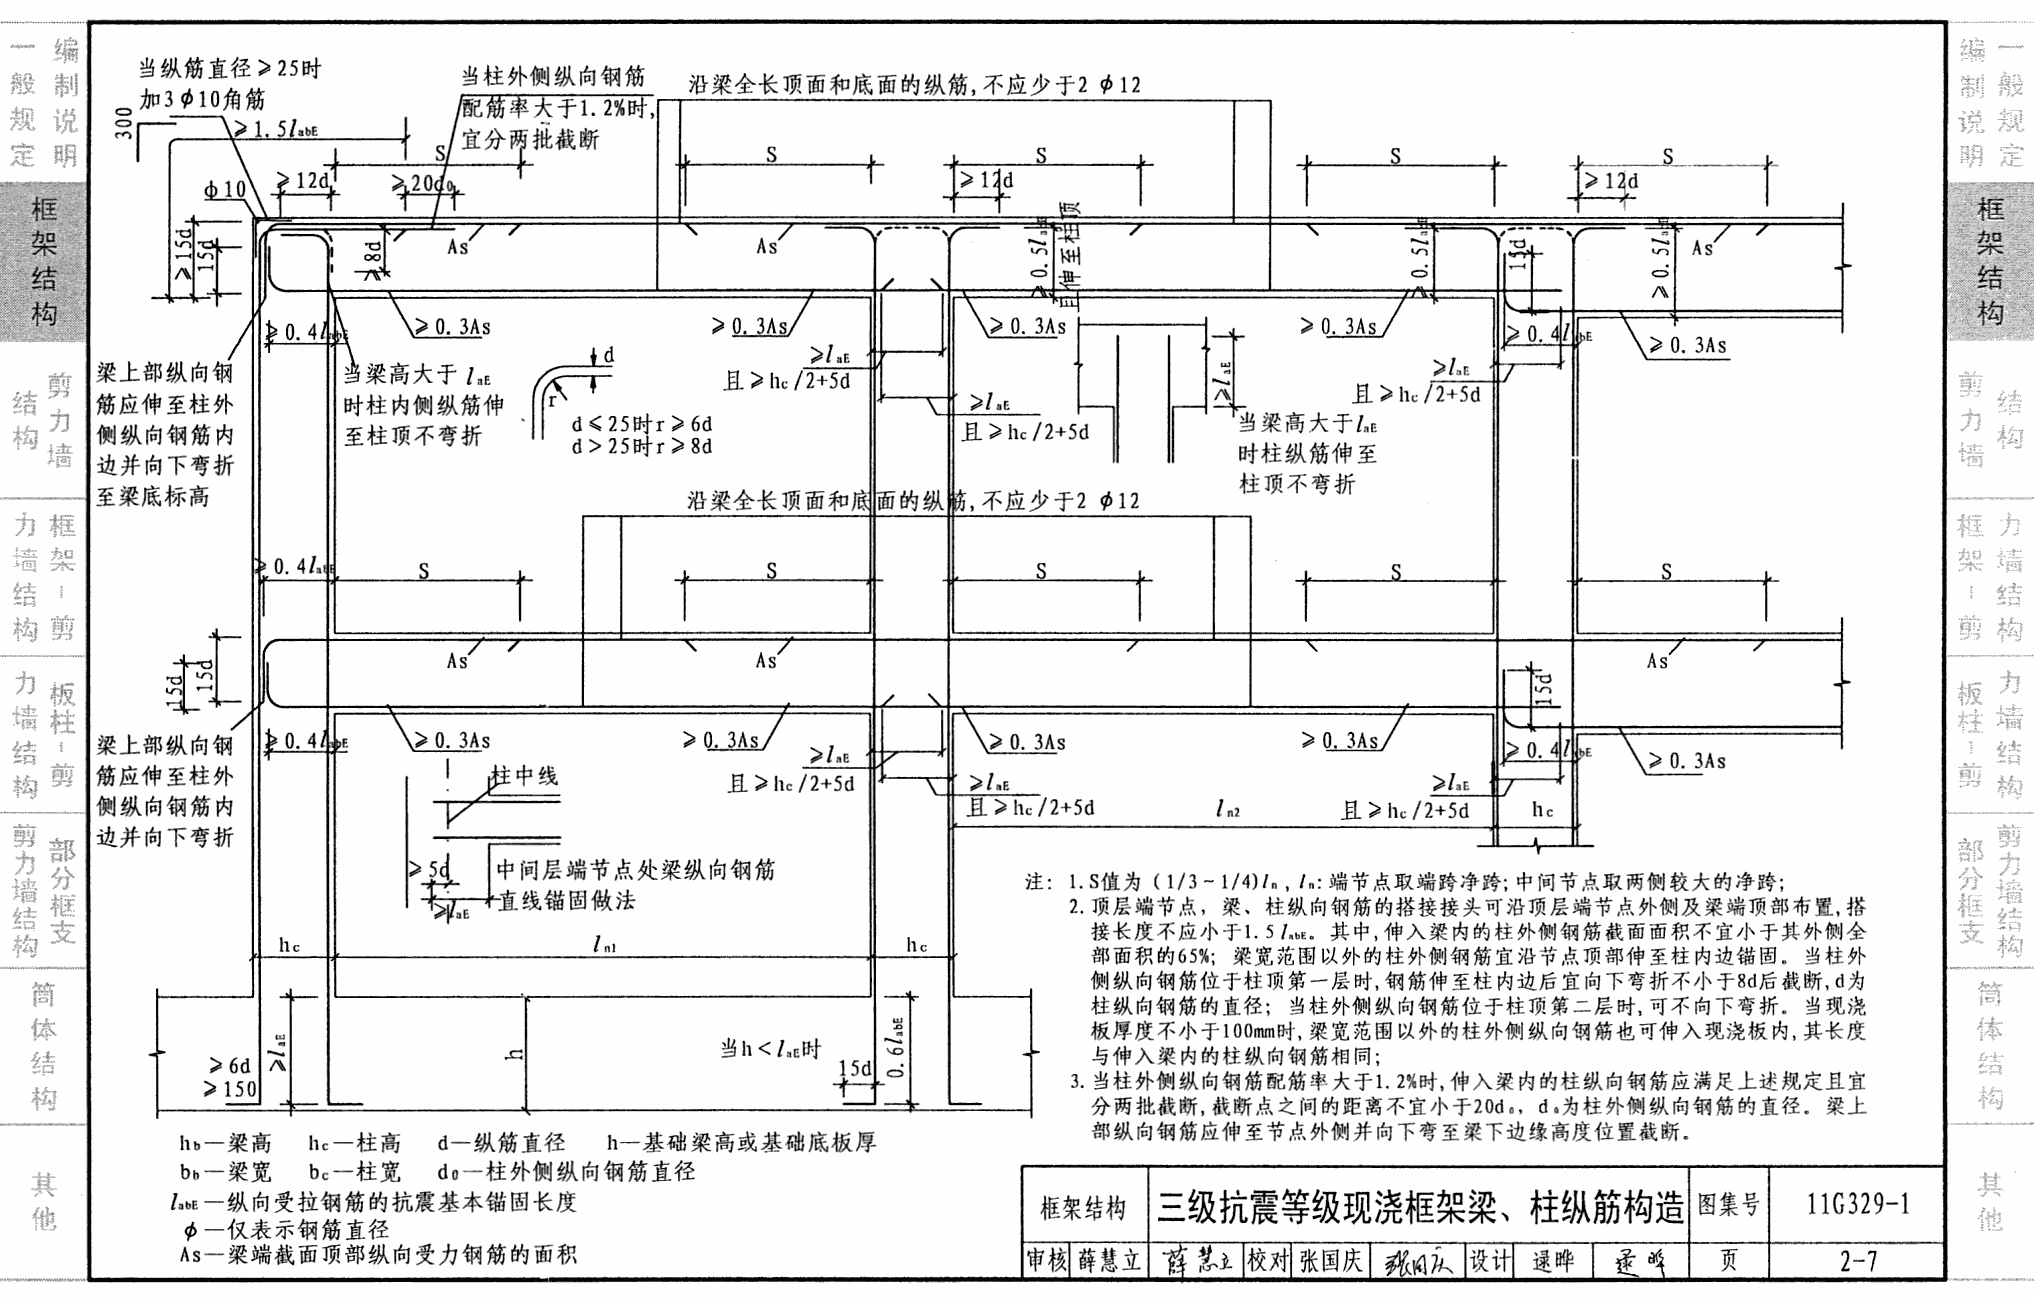 《建筑物抗震构造详图